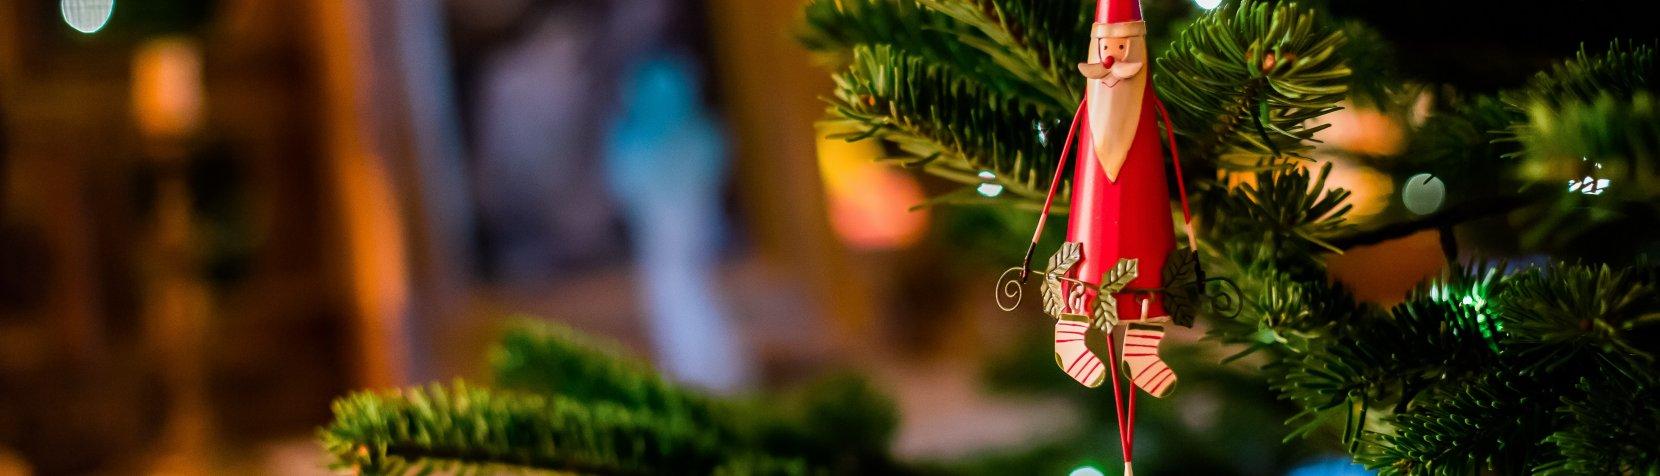 Juletræ og lys